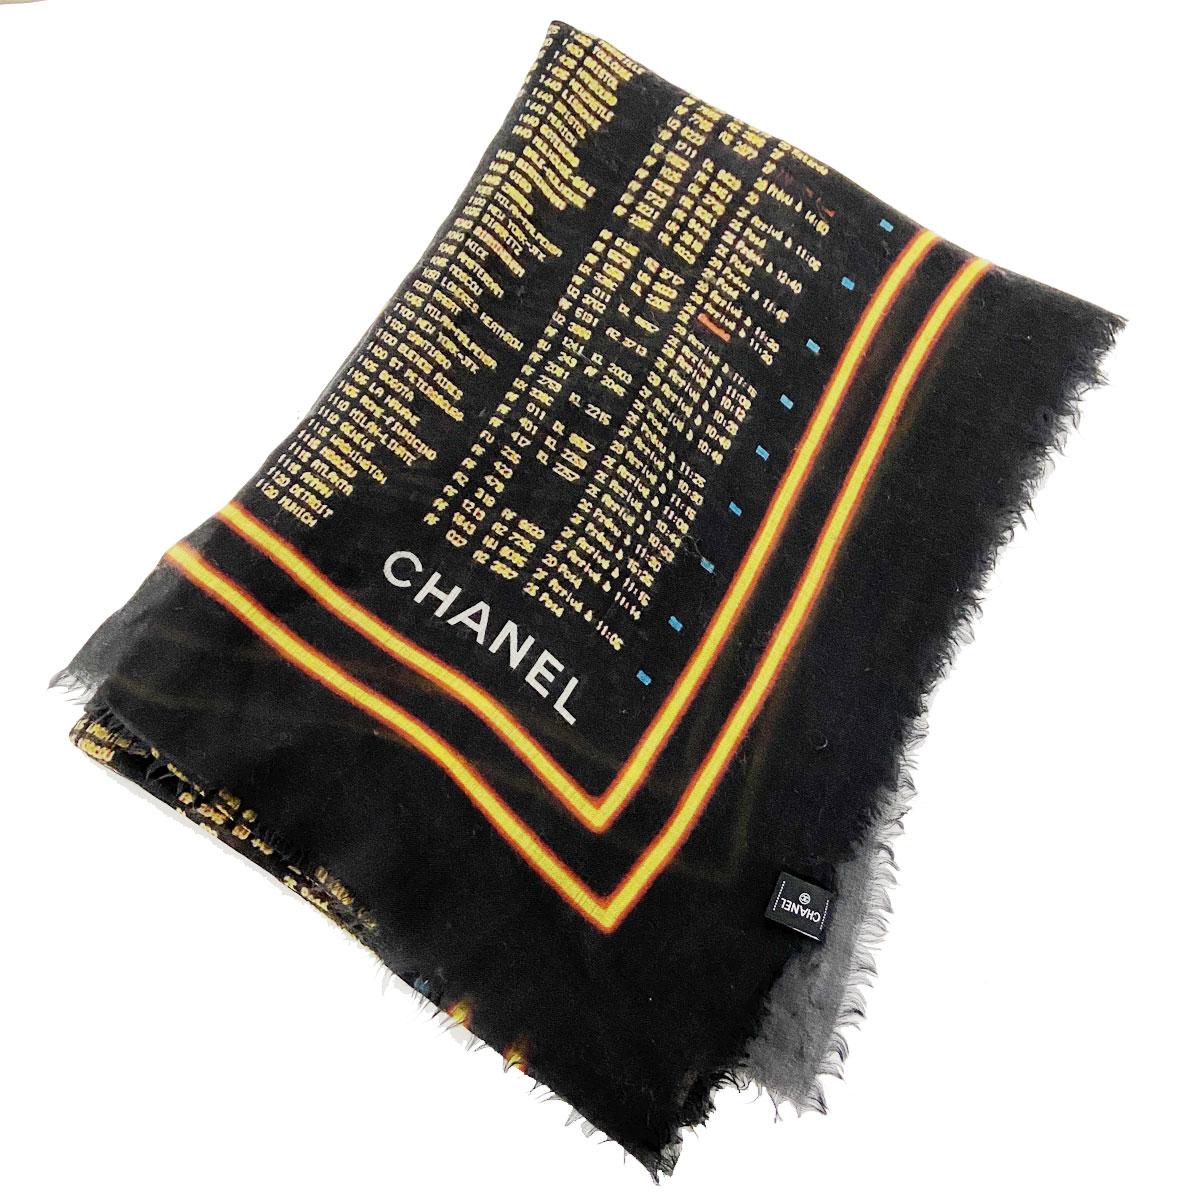 CHANEL シャネル 大判ストール ショール デジタル柄 ココマーク ブラック系 カシミヤ100%